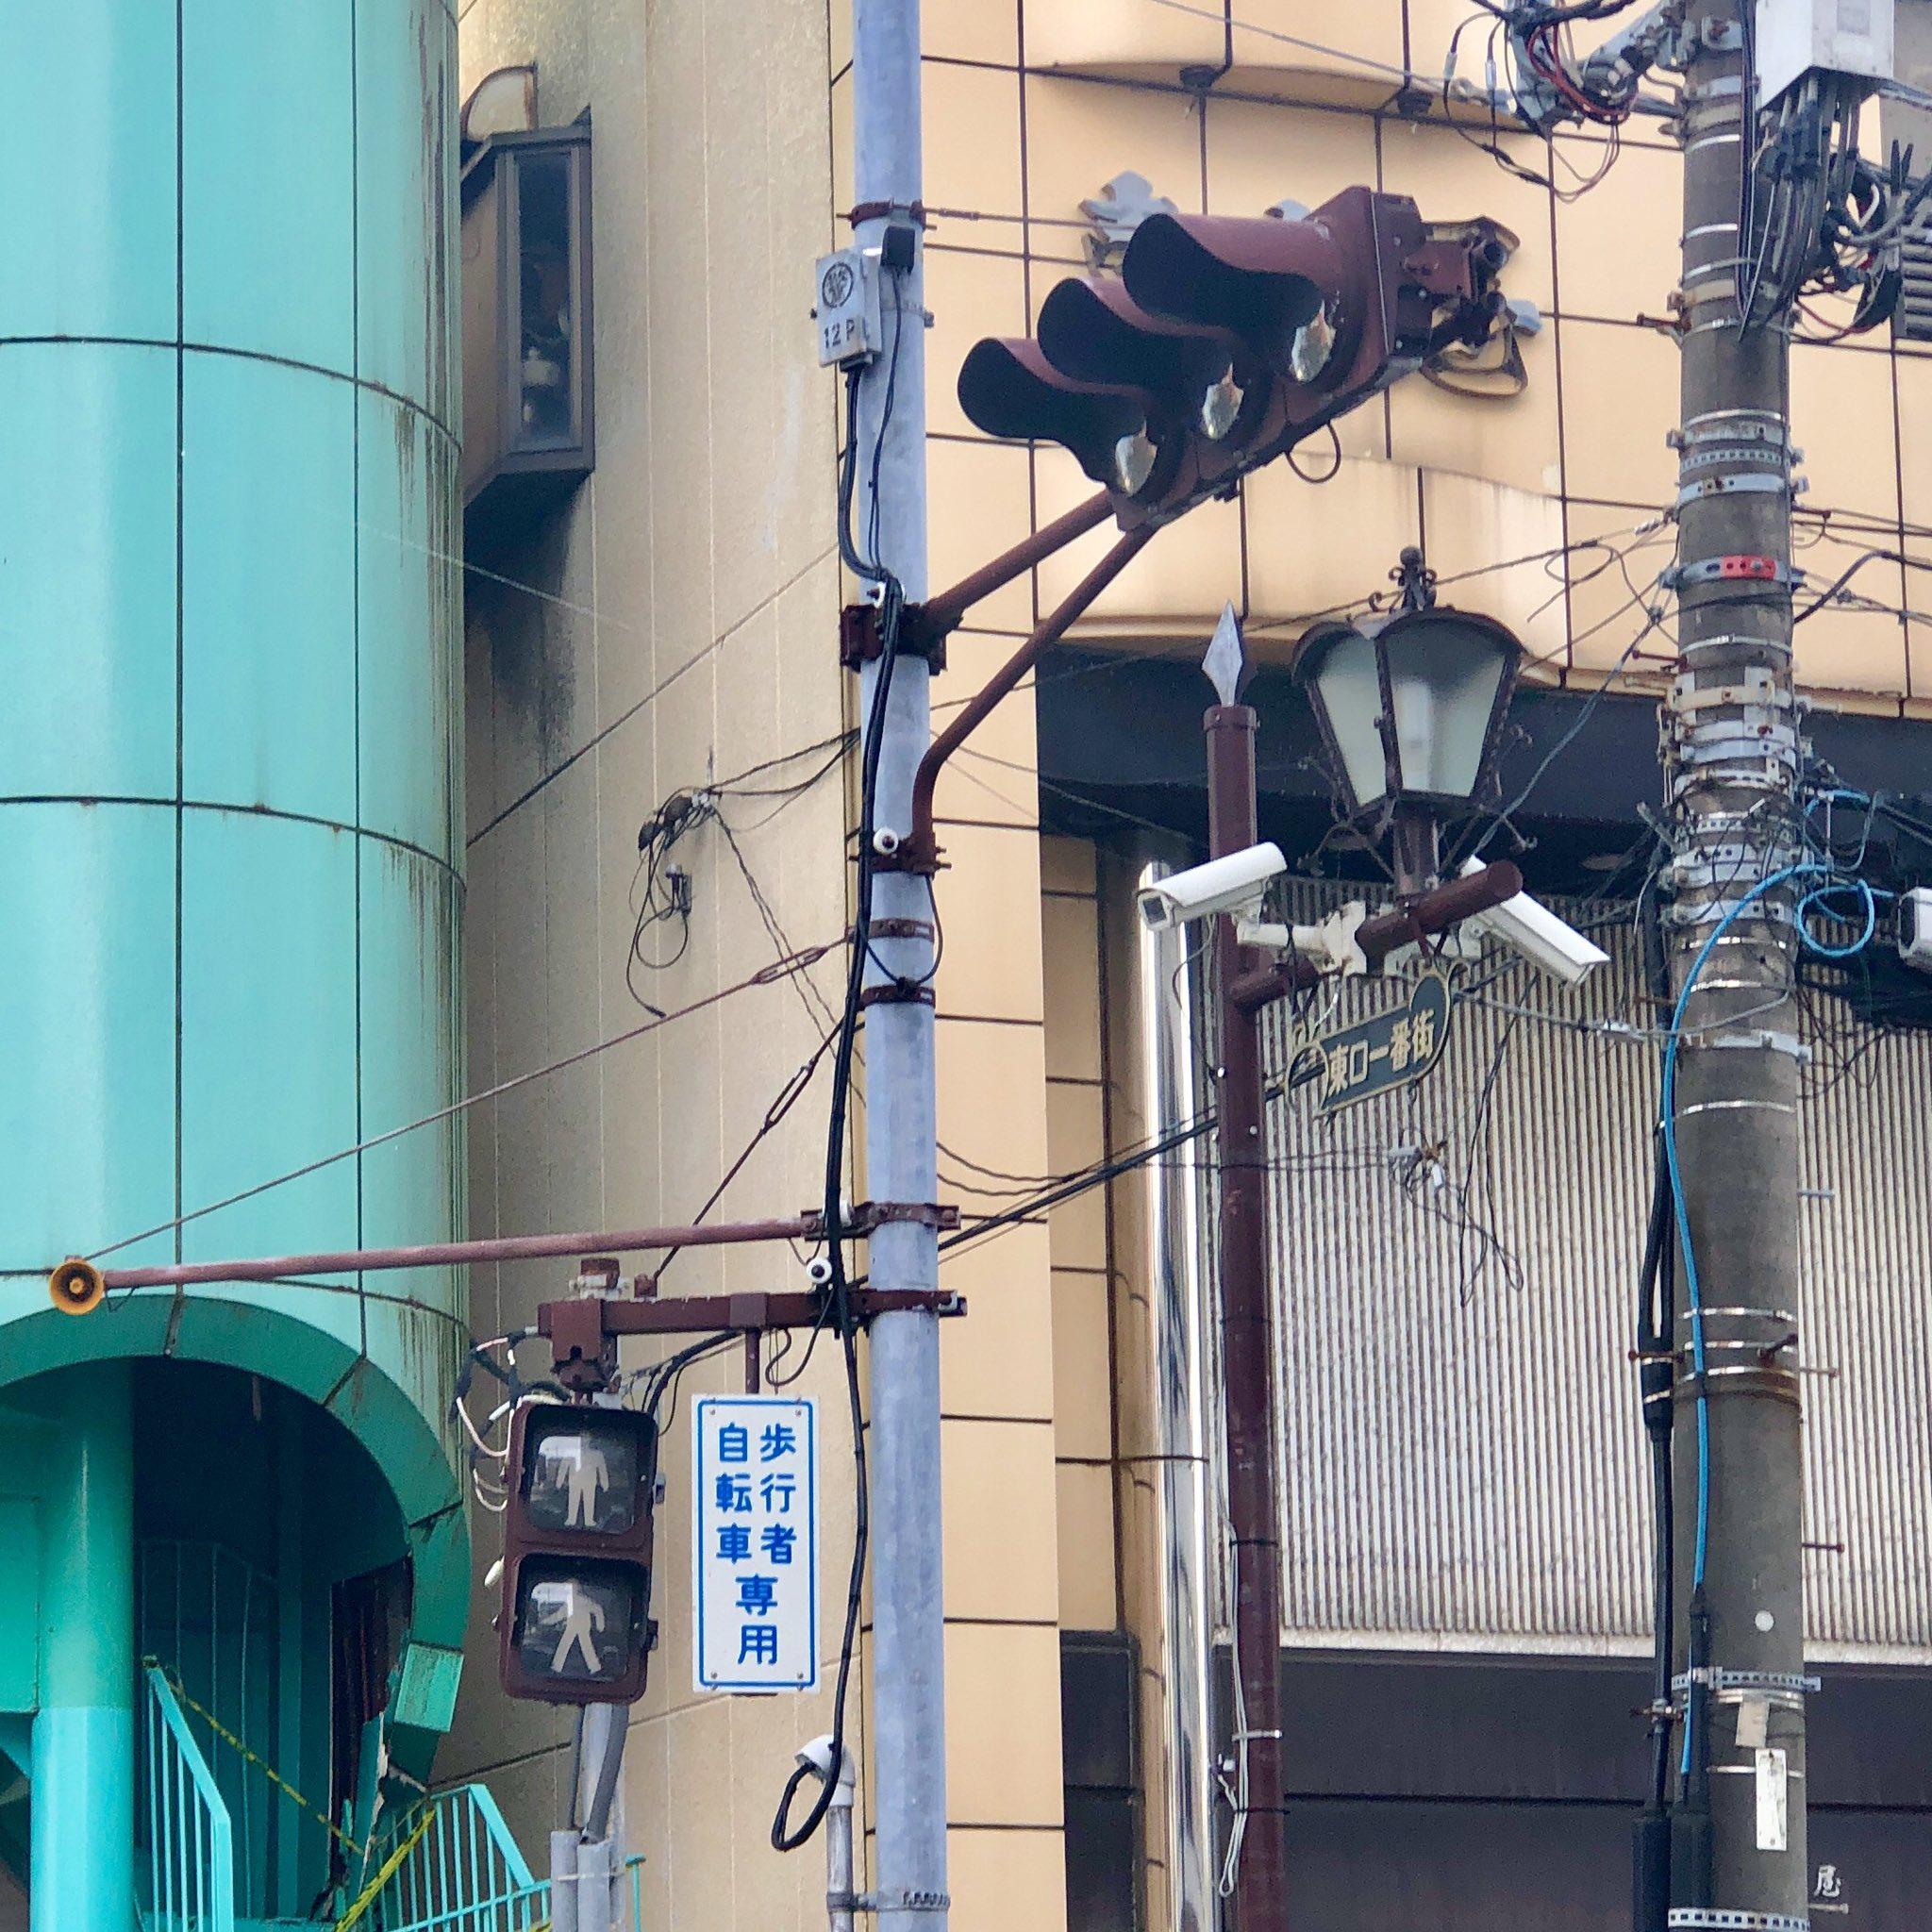 画像,#木更津駅 前は停電で、銀行以外の店舗は休業しています。信号も止まっているので怖いです😥#台風15号 https://t.co/WlzYgFV2JU…